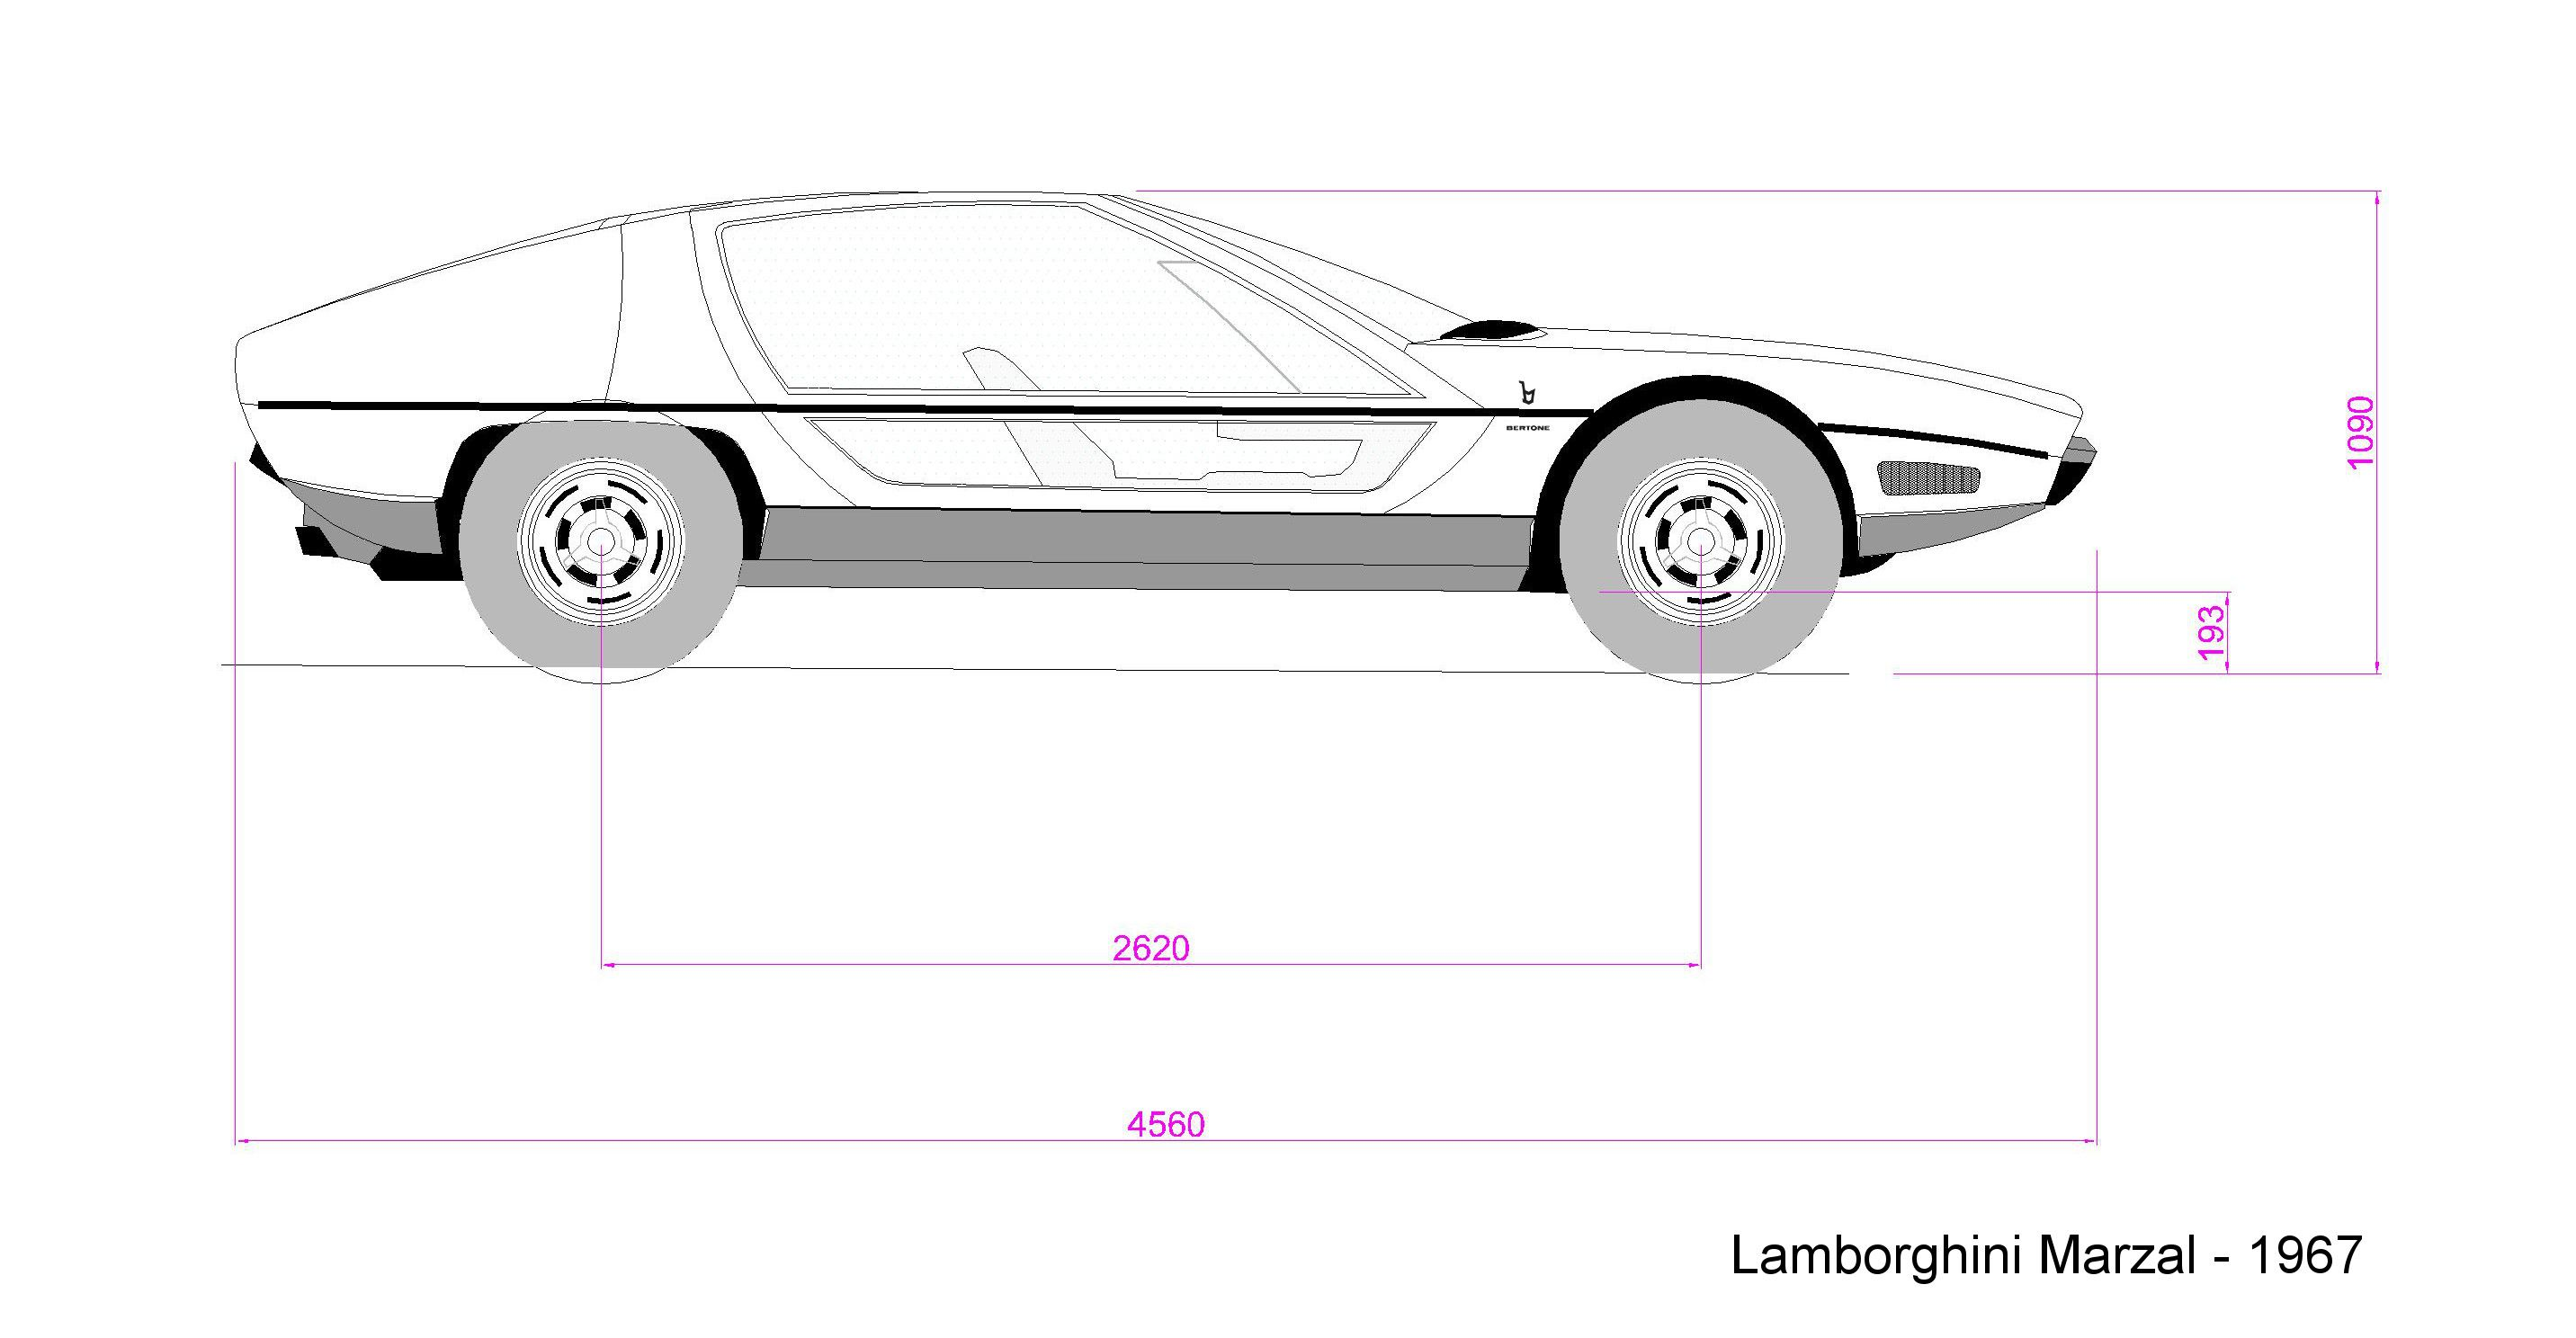 #LamborghiniMarzal; #Bertone; #marcellogandini; #cardrawing